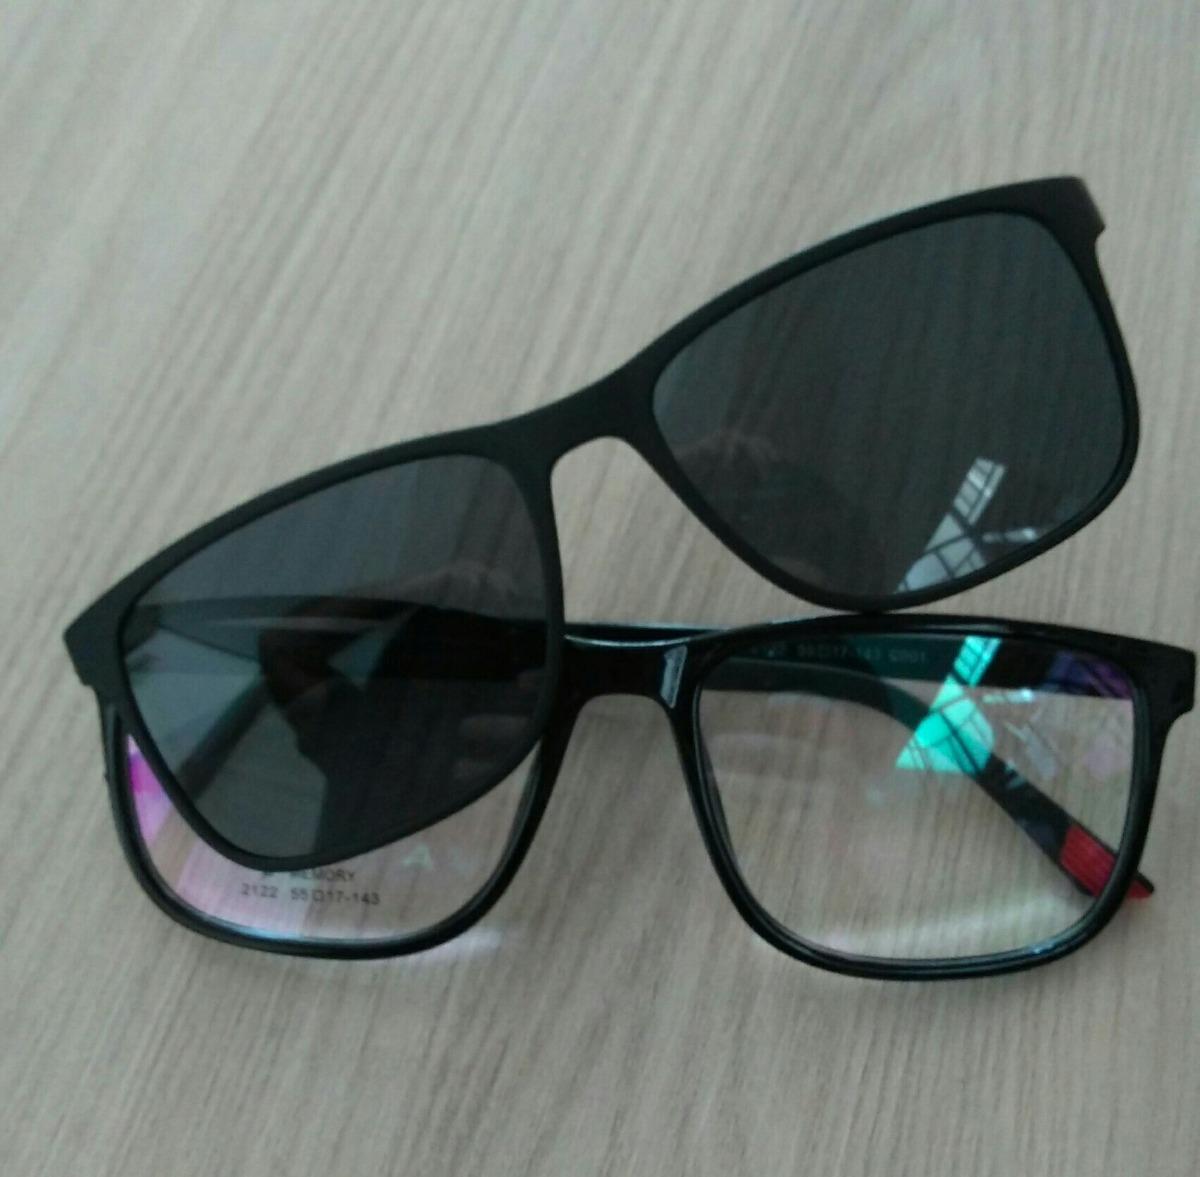 26d84c0711869 armação unissex grau clip on óculos sol barato promoção. Carregando zoom.